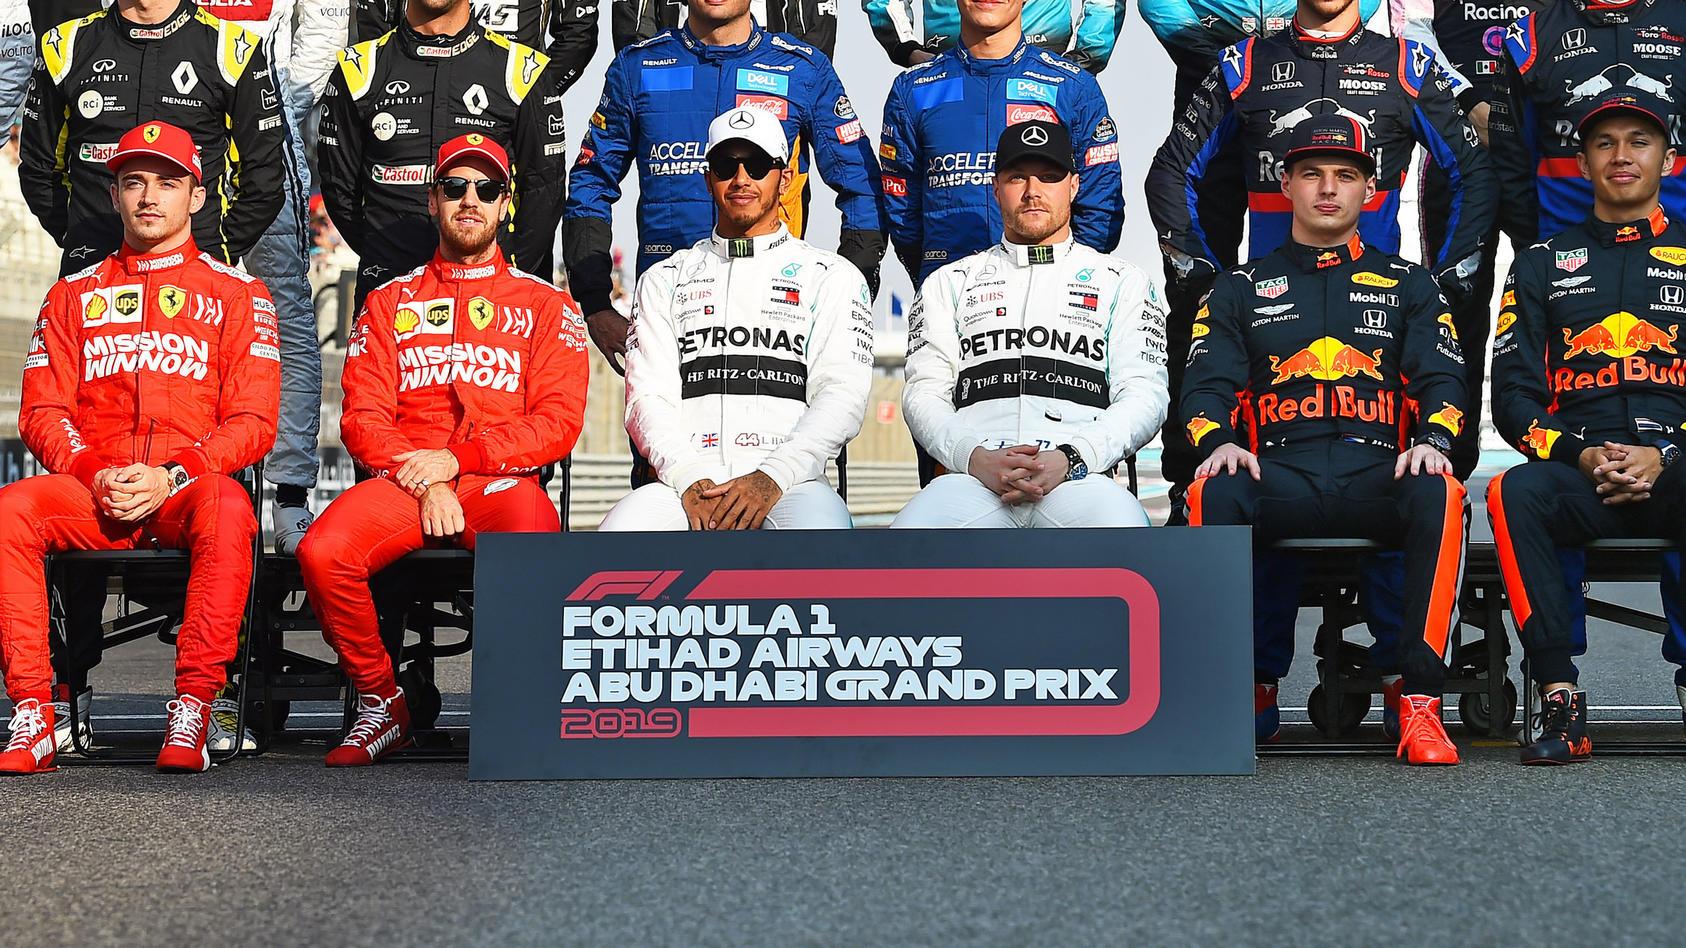 Sport Bilder des Tages Formel 1, GP Abu Dhabi, Fahrerfoto zum Saisonende 01.12.2019, xekx, Motorsport FIA, Formel 1 Groß